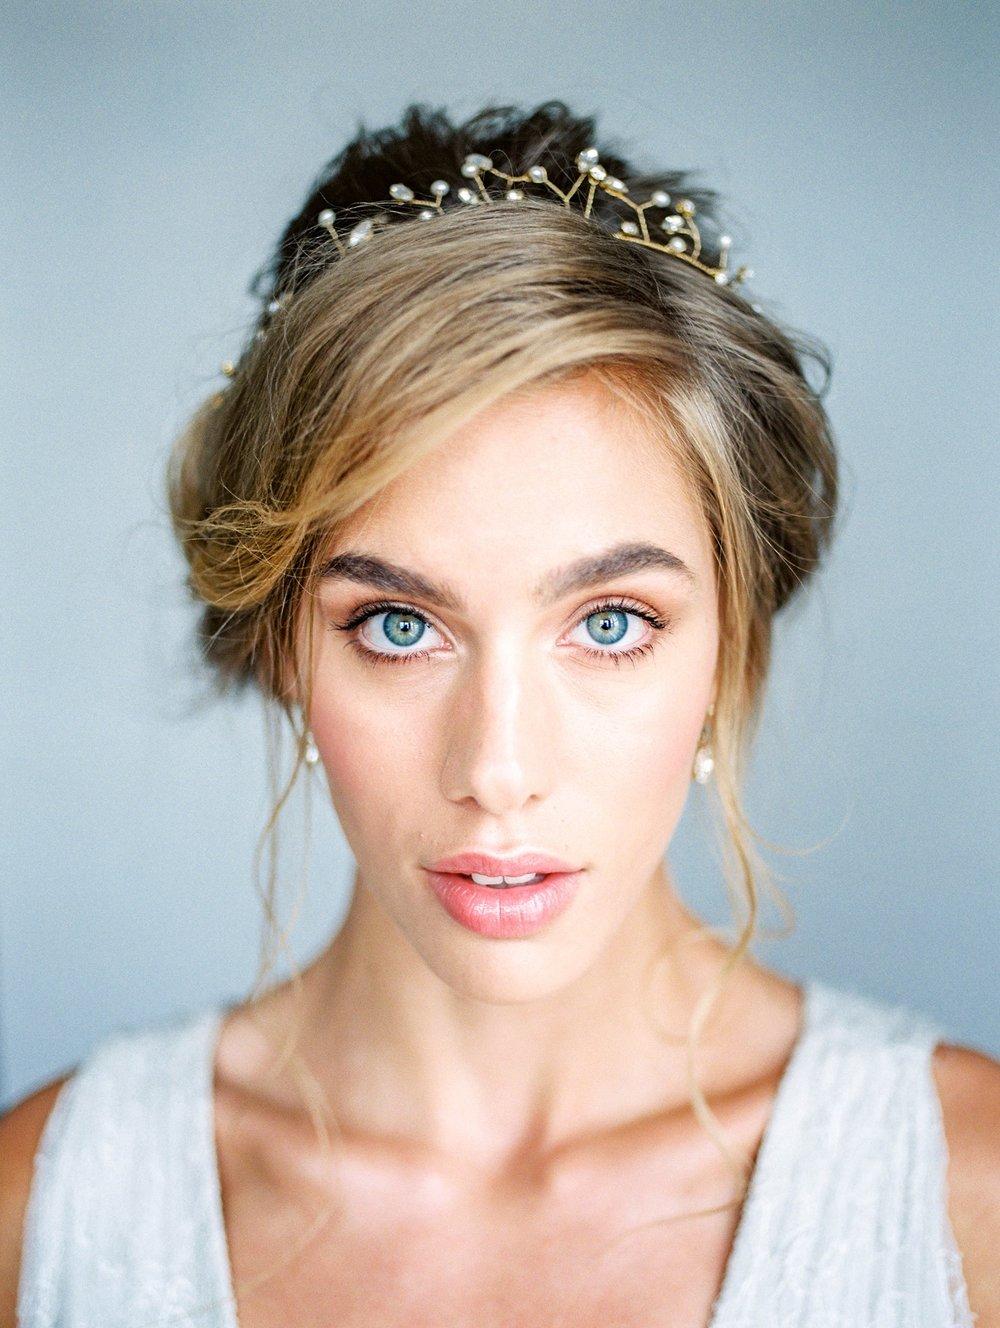 Natalia B Beauty